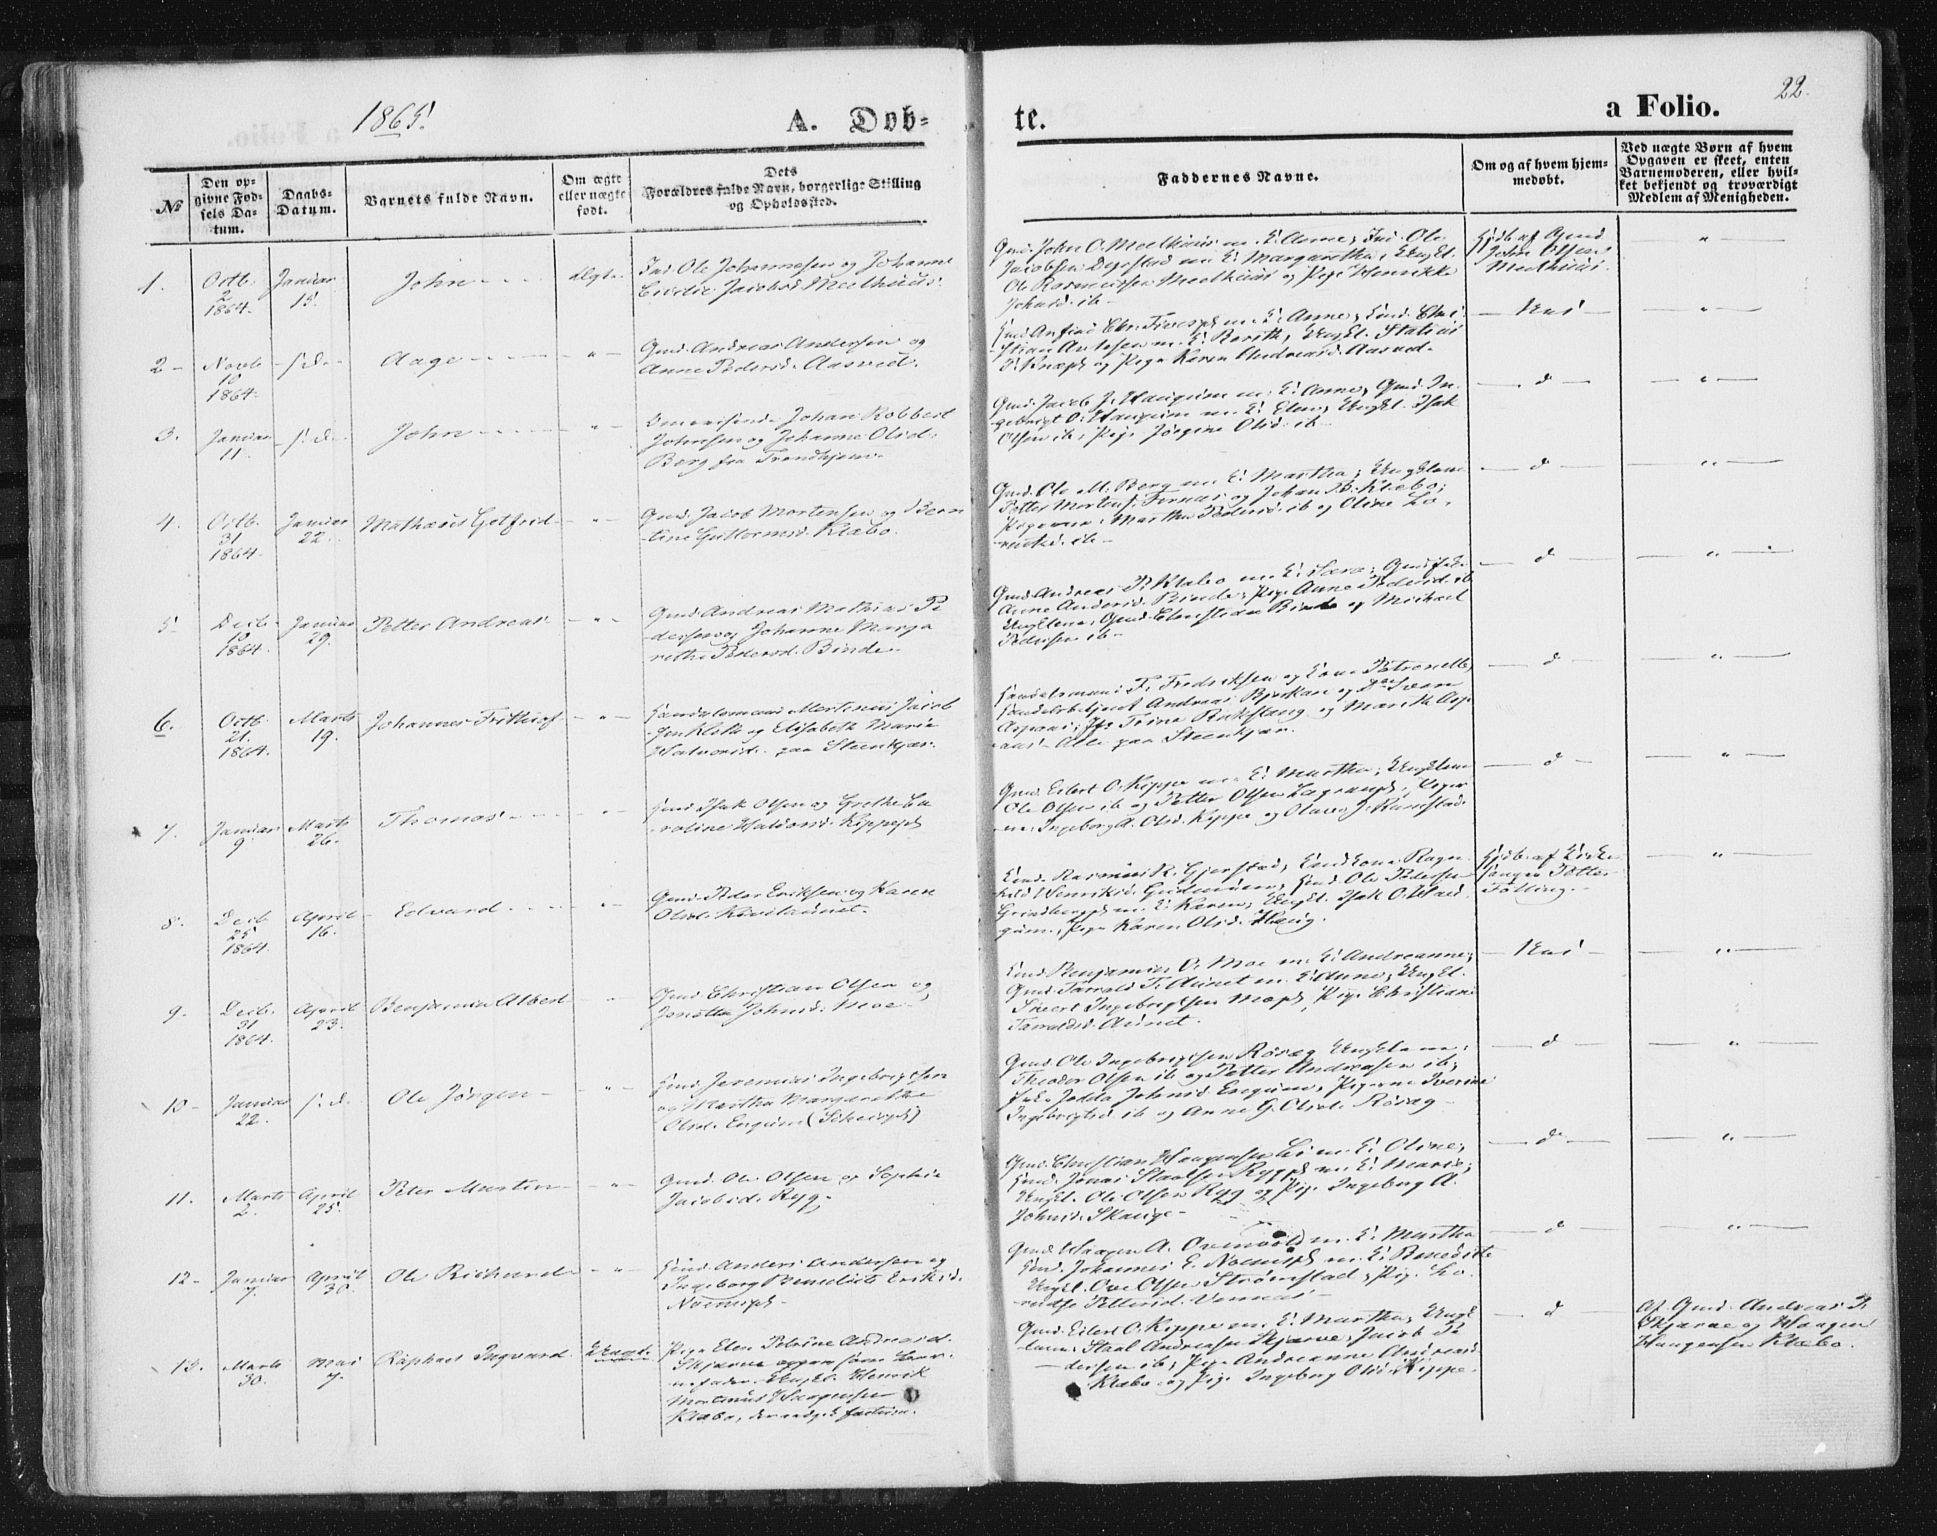 SAT, Ministerialprotokoller, klokkerbøker og fødselsregistre - Nord-Trøndelag, 746/L0447: Ministerialbok nr. 746A06, 1860-1877, s. 22